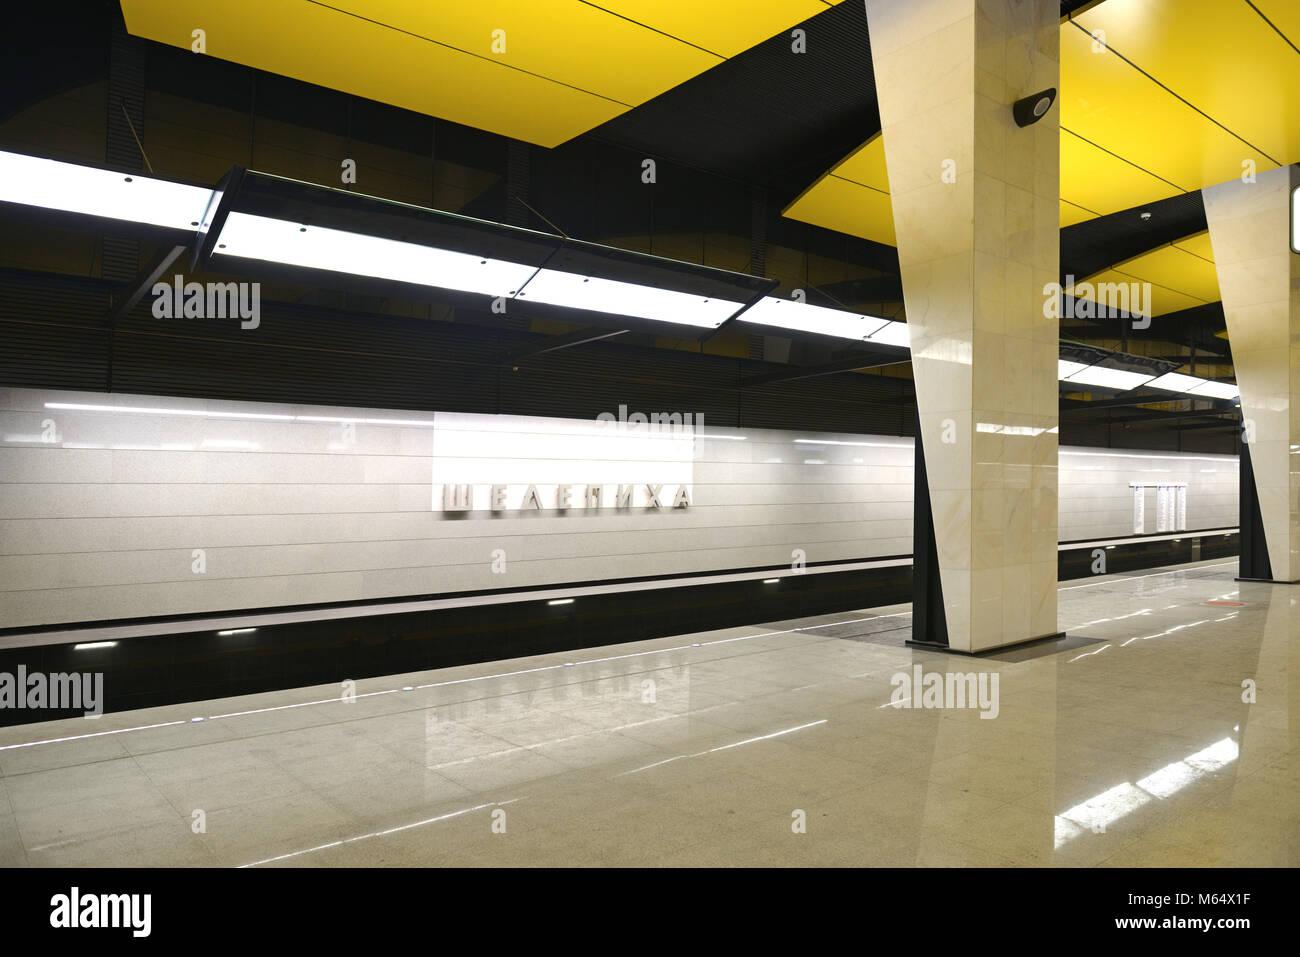 Shelepikha, station on Bolshaya Koltsevaya line of Moscow Metro. It opened on 26 February 2018 as one of five initial - Stock Image